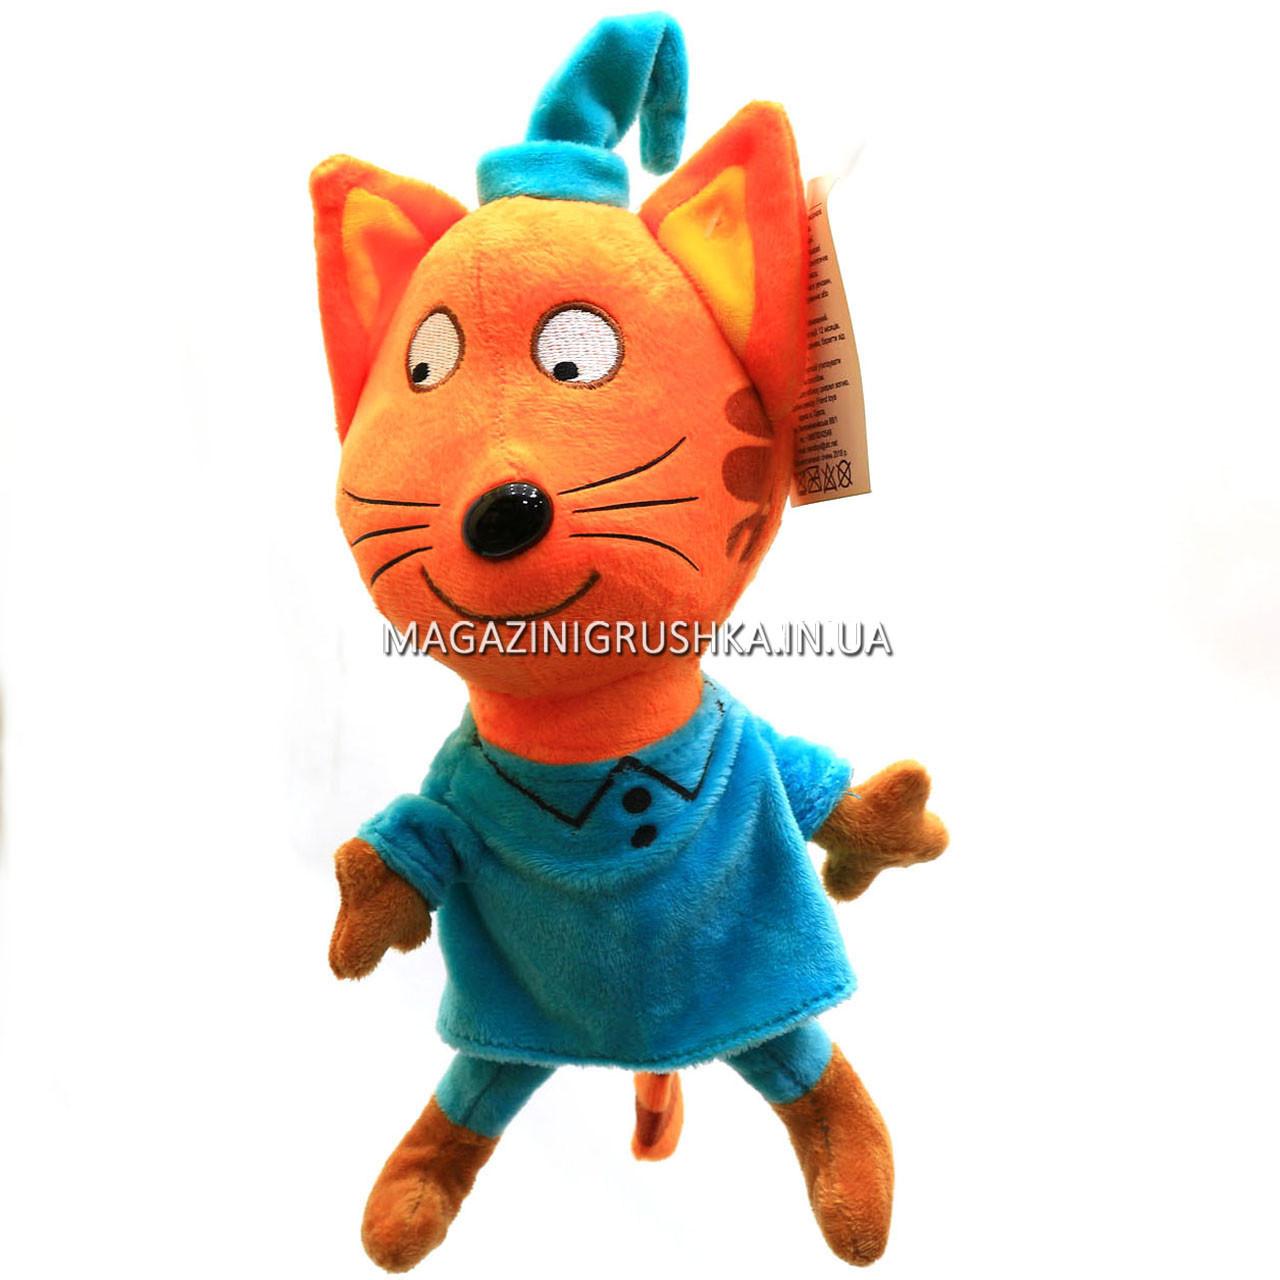 Мягкая игрушка «Три кота». Любимая игрушка 24956-3 Компот - 25 см